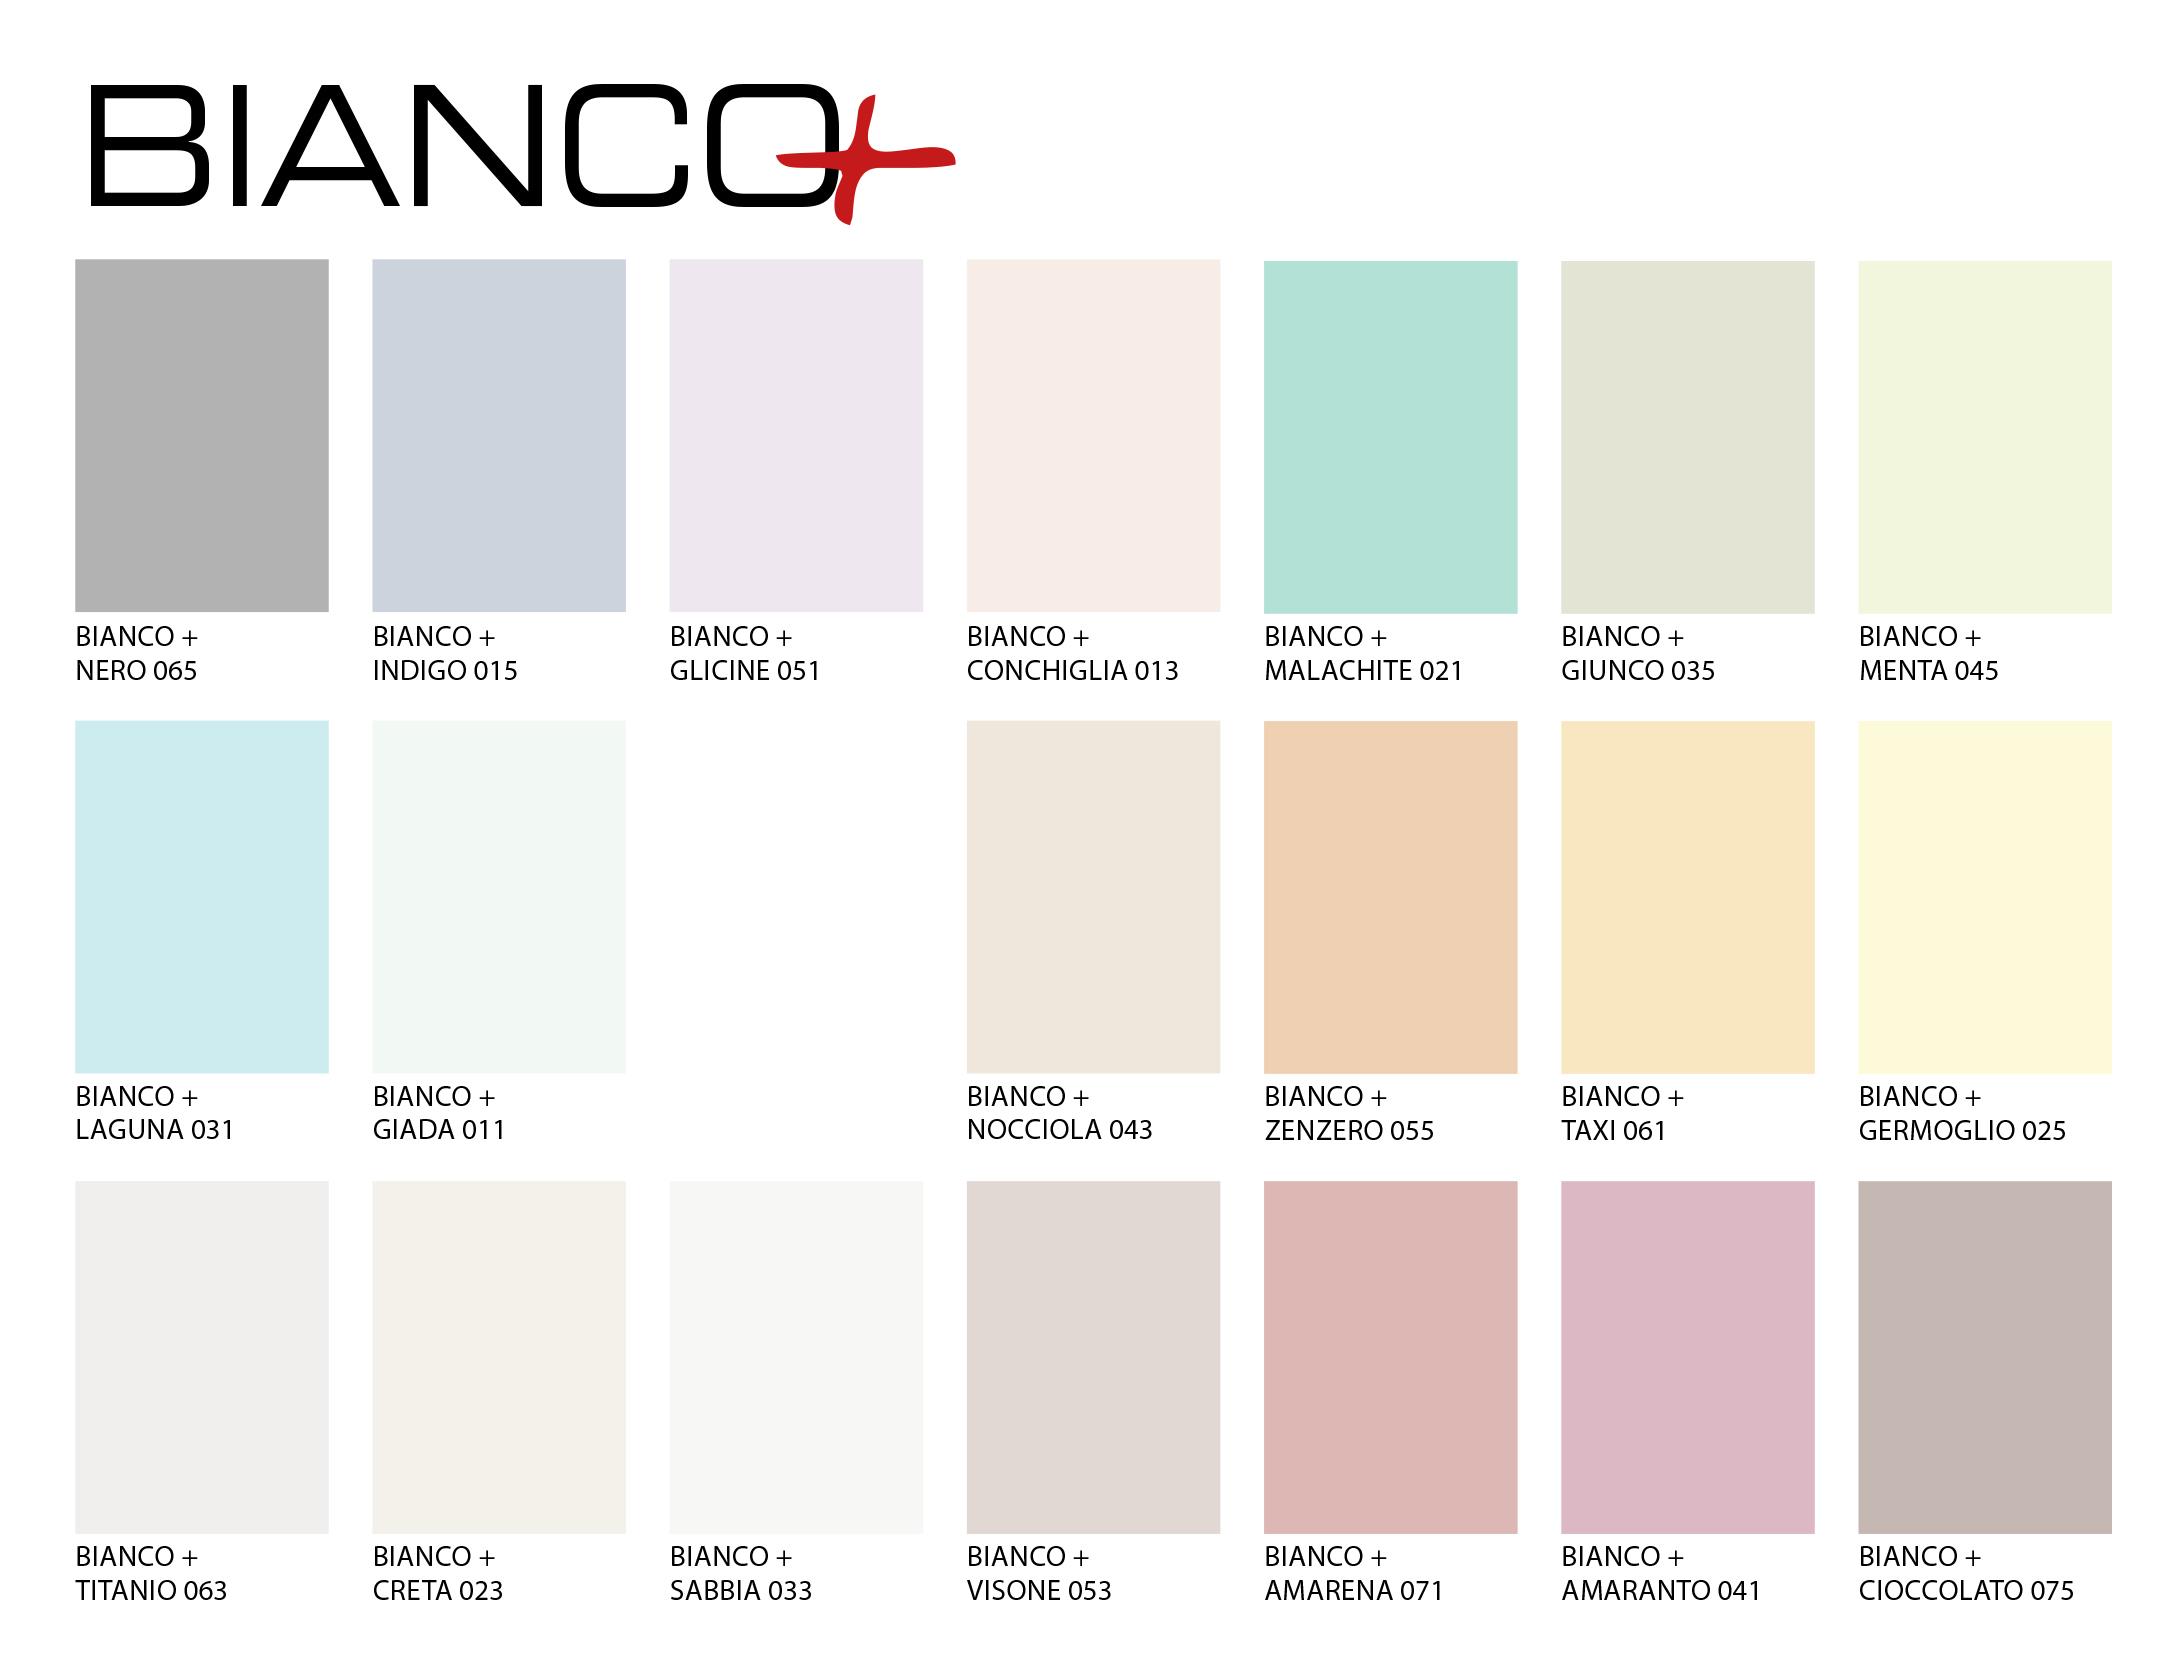 Catalogo Colori Per Pareti hyrid - colora e decora la tua casa - cartella colori